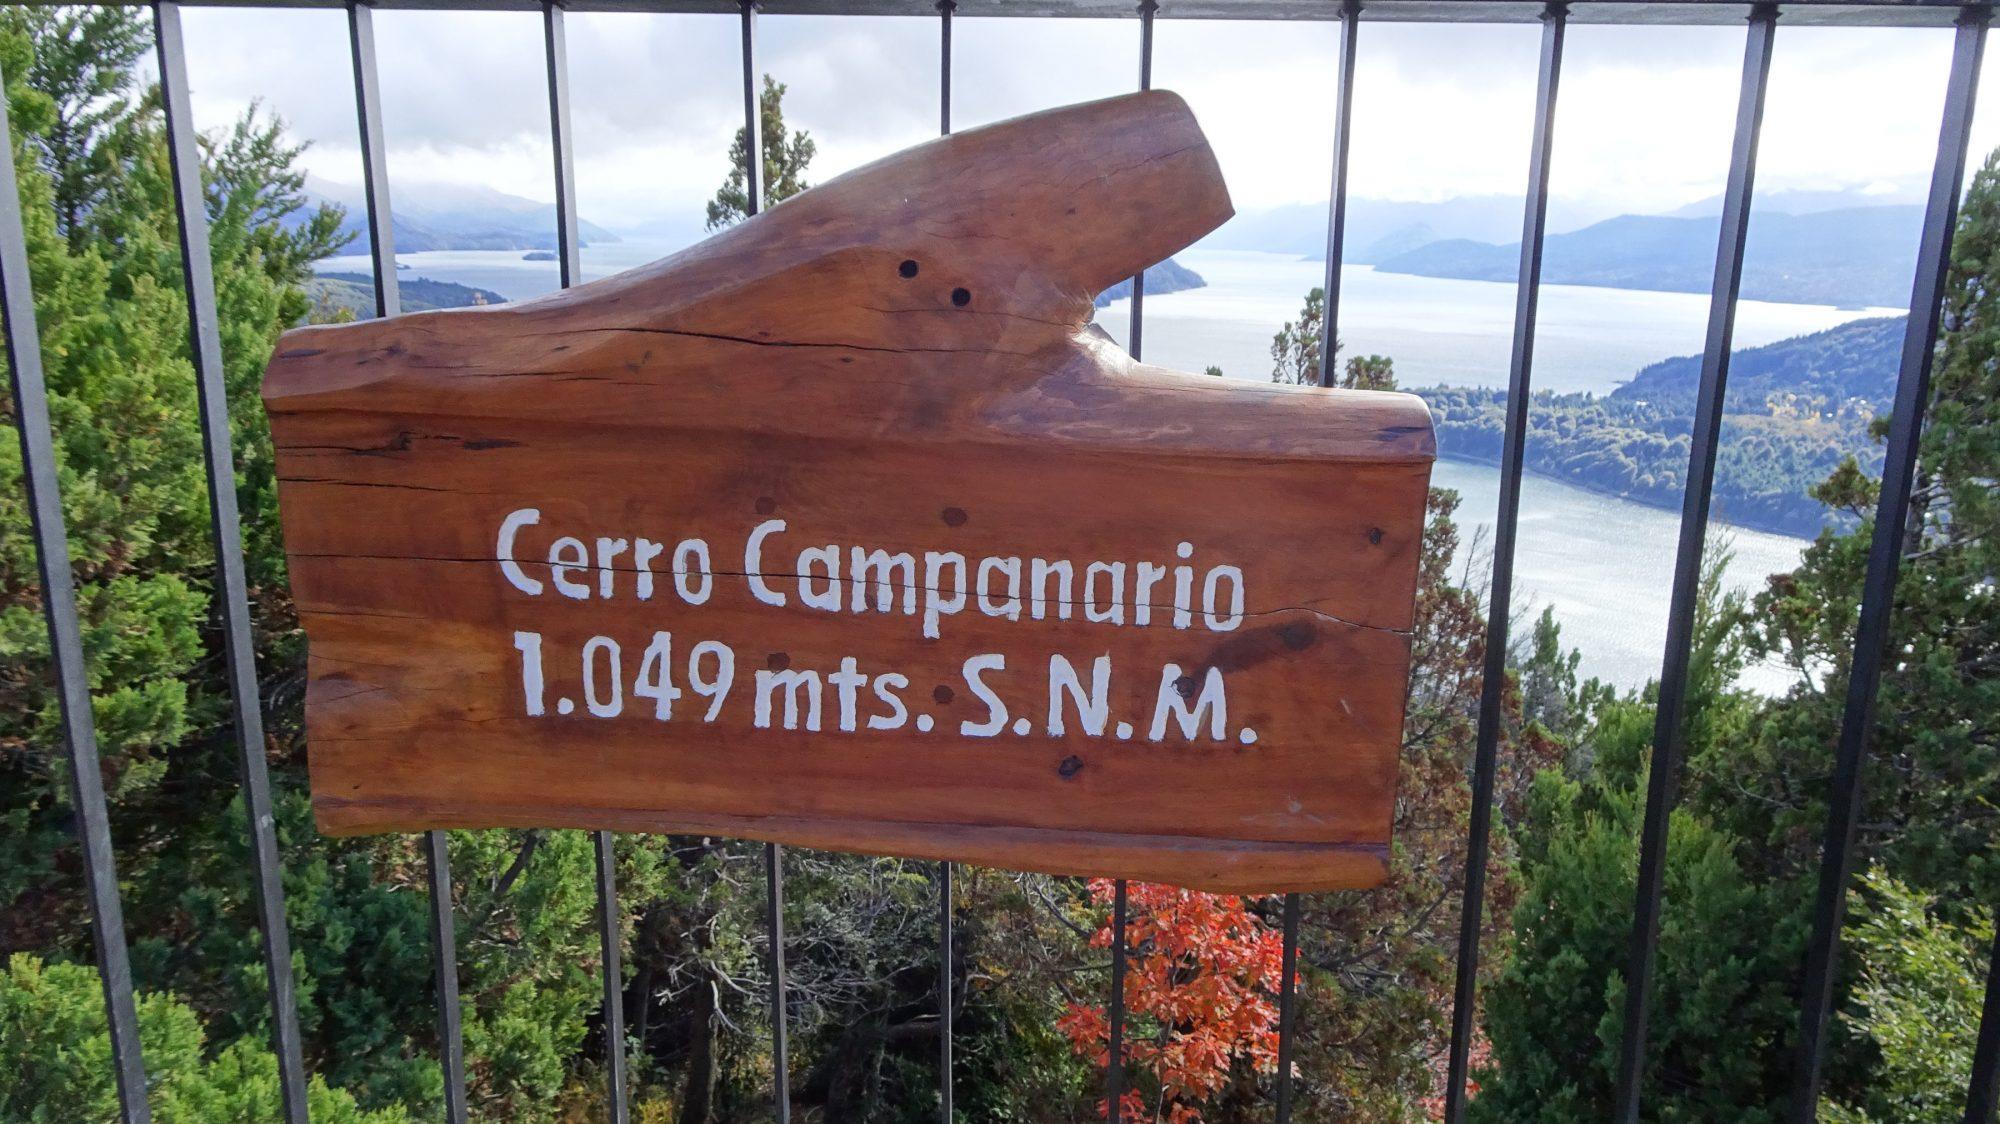 Fjella Bariloche Wanderung Ausflug Cerro Campanario Ausblick Seenlandschaft Patagonien Argentinische Schweiz Gipfel